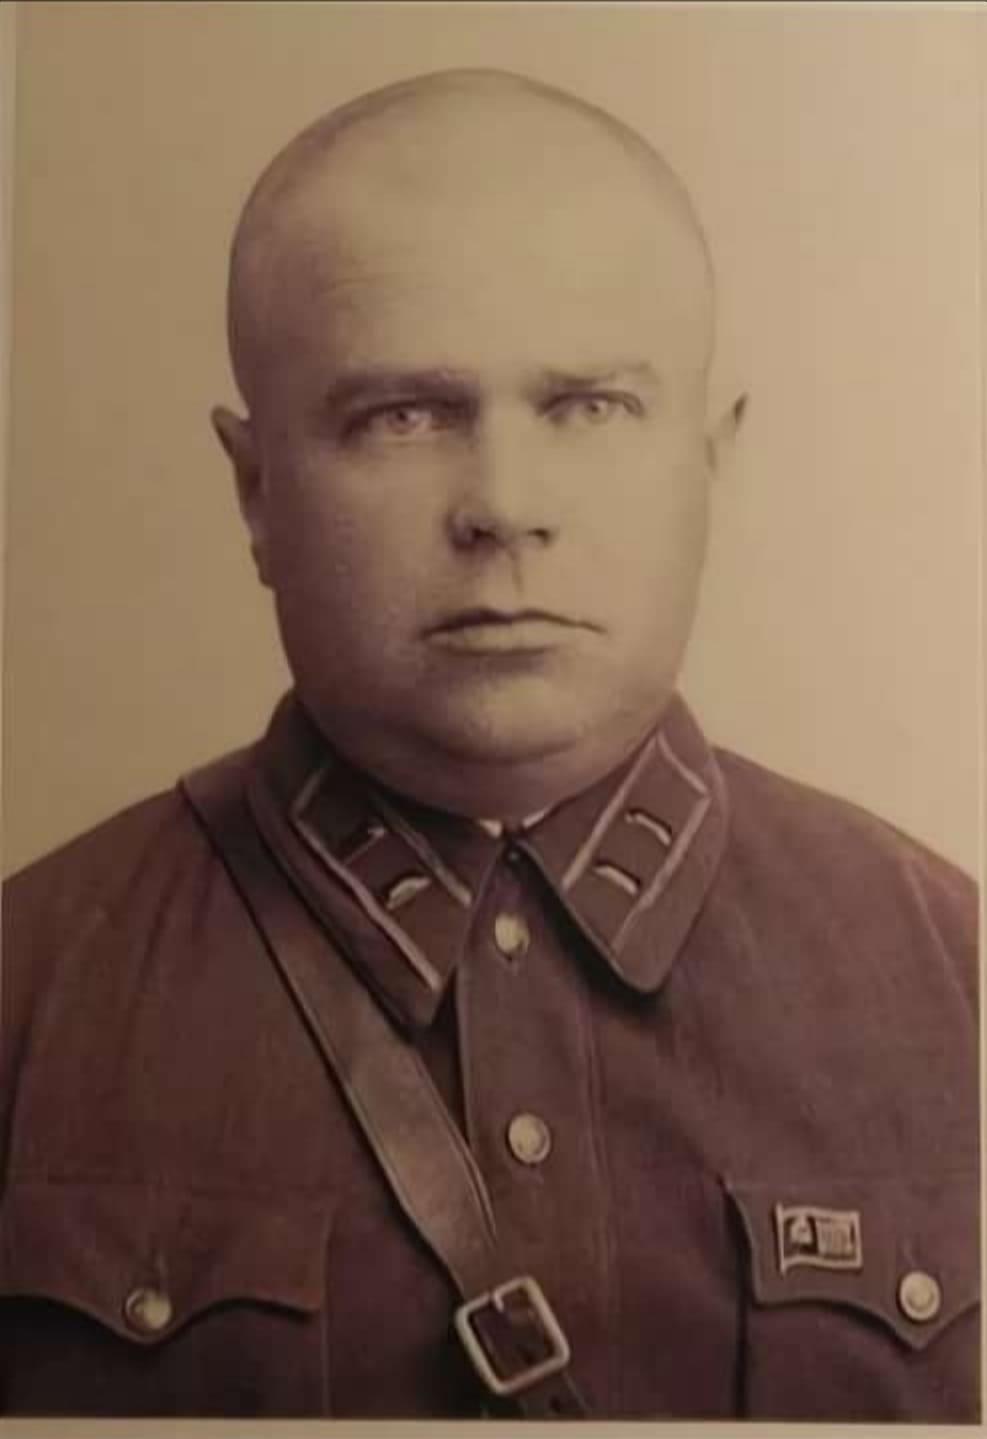 Командир 17-го Брестского Краснознаменного отряда майор Кузнецов